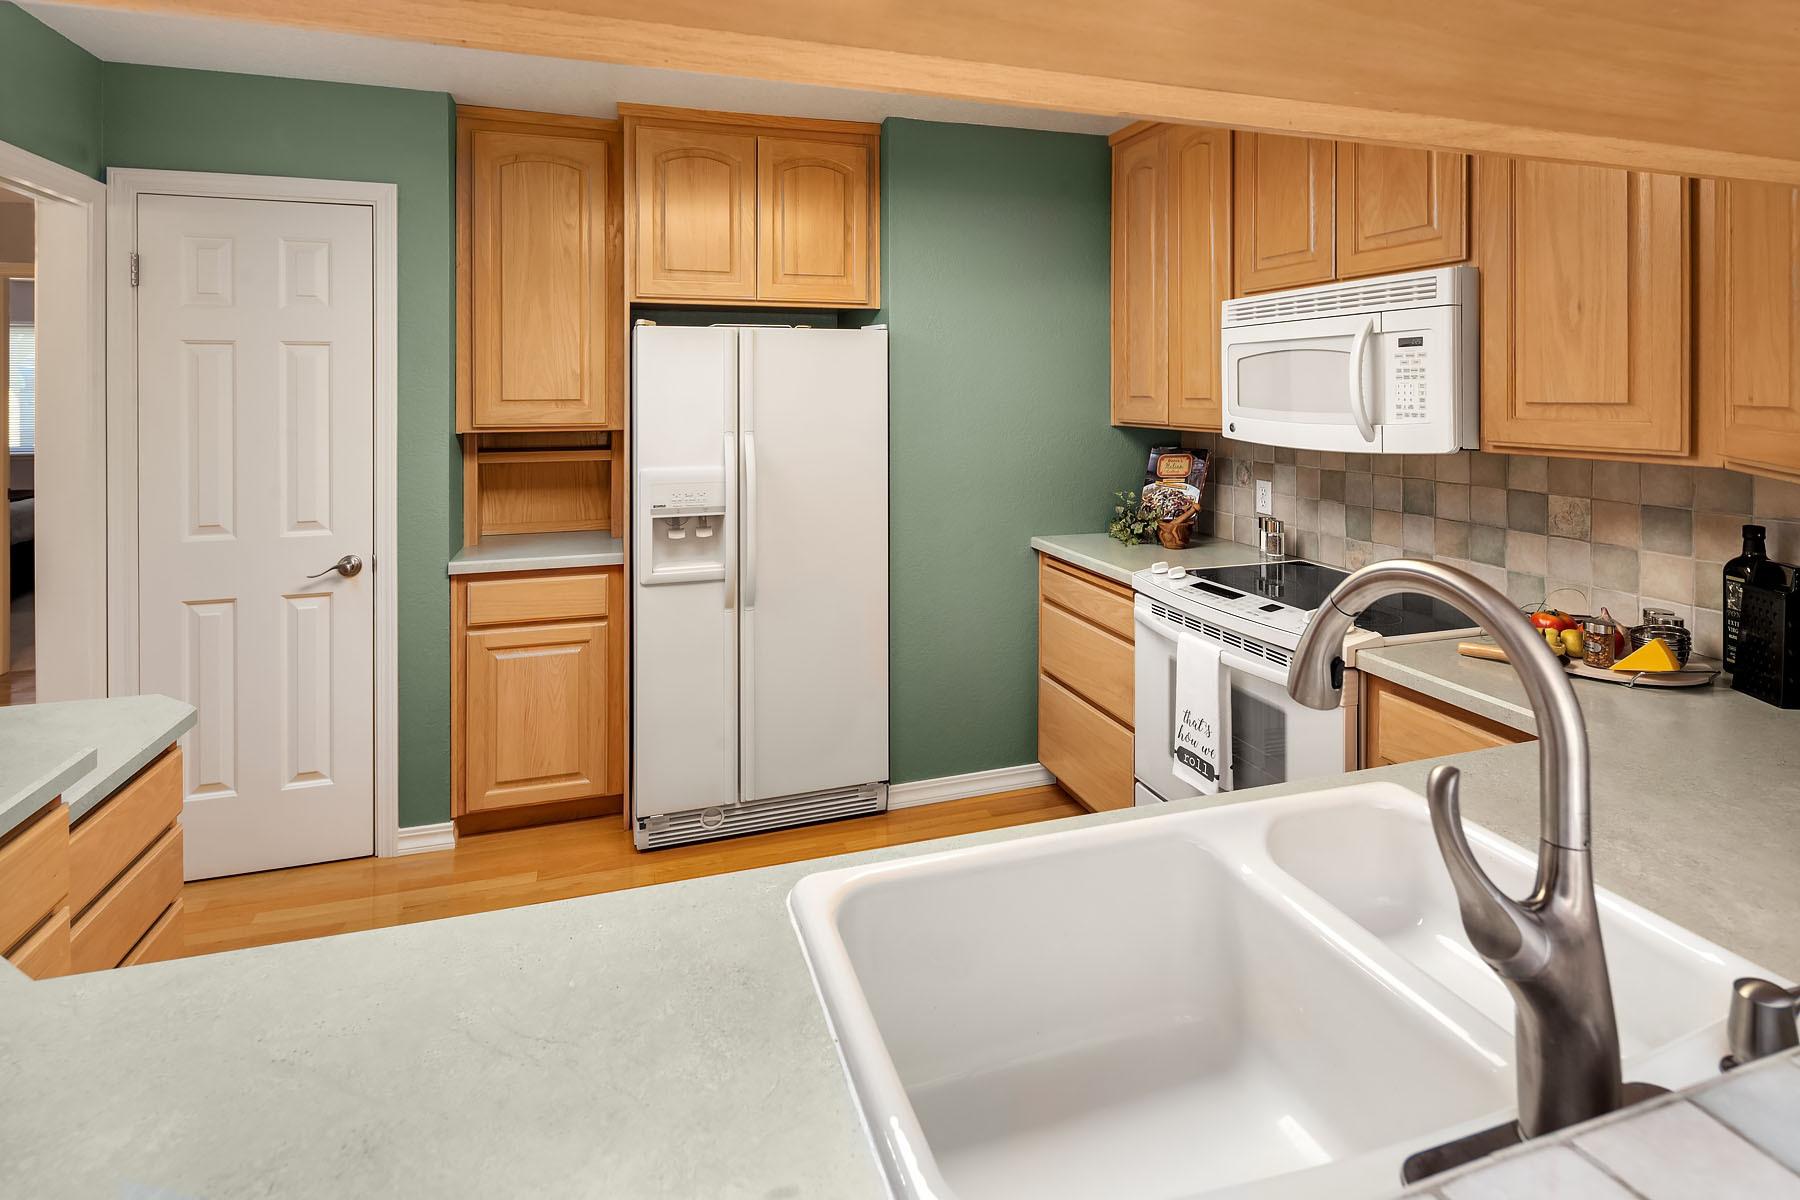 14601 Ne 50th Place E-4, Bellevue, WA - USA (photo 4)